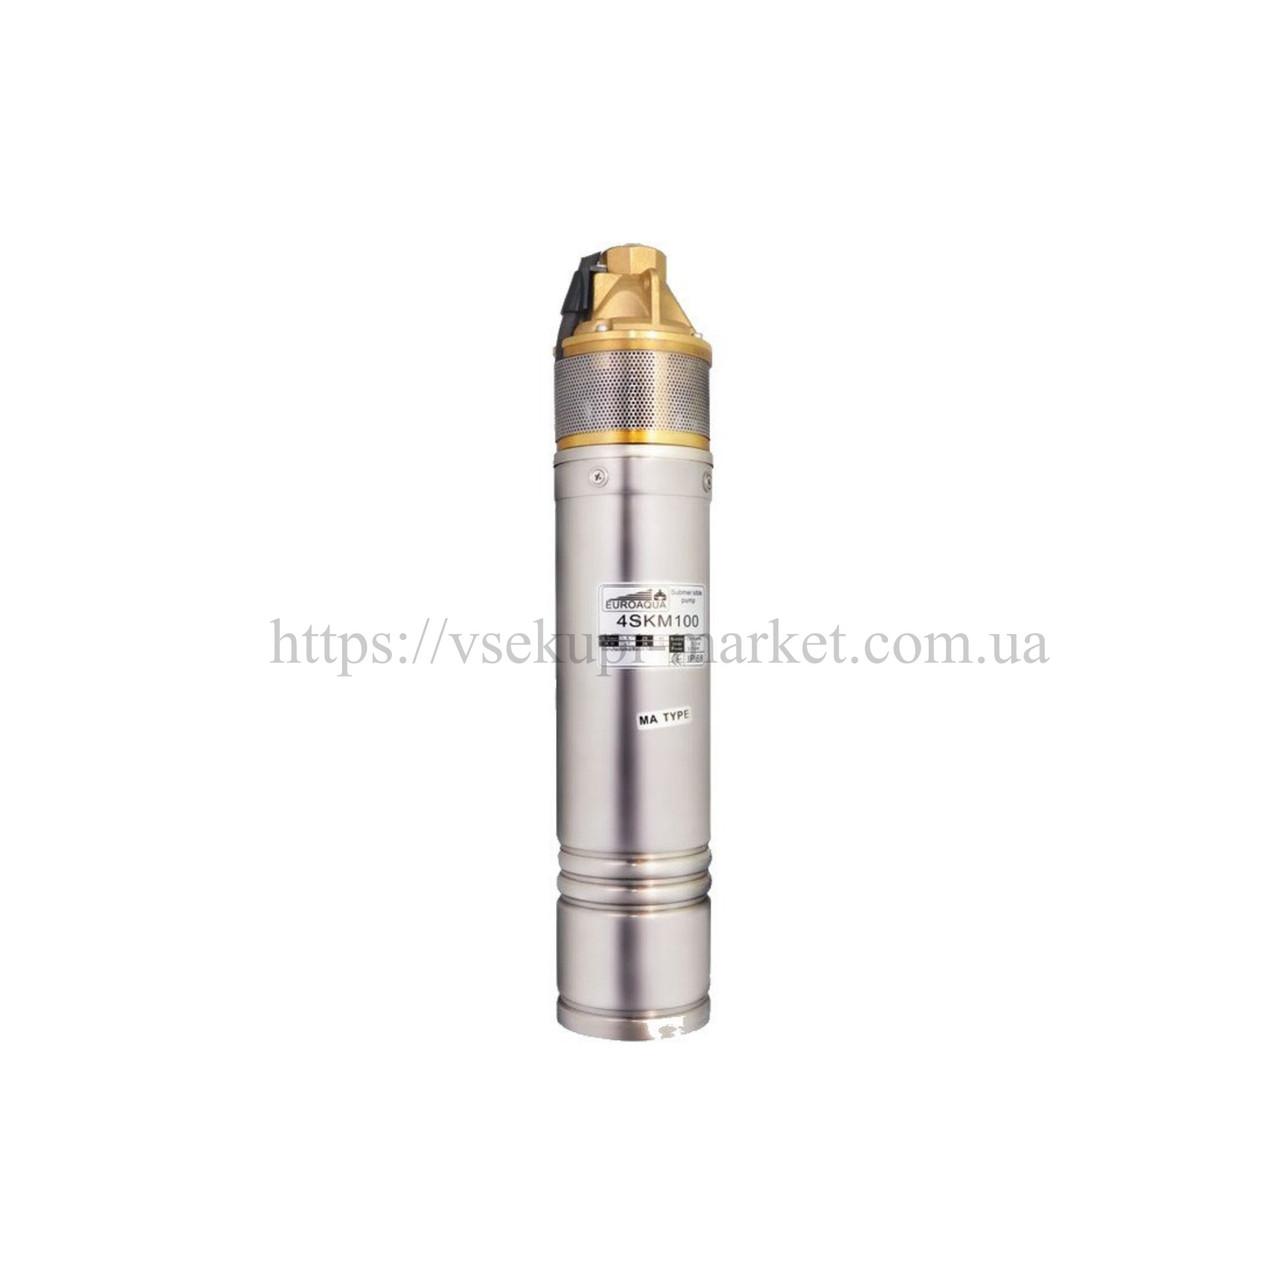 Скважинный насос Насосы+ 4SKm 150